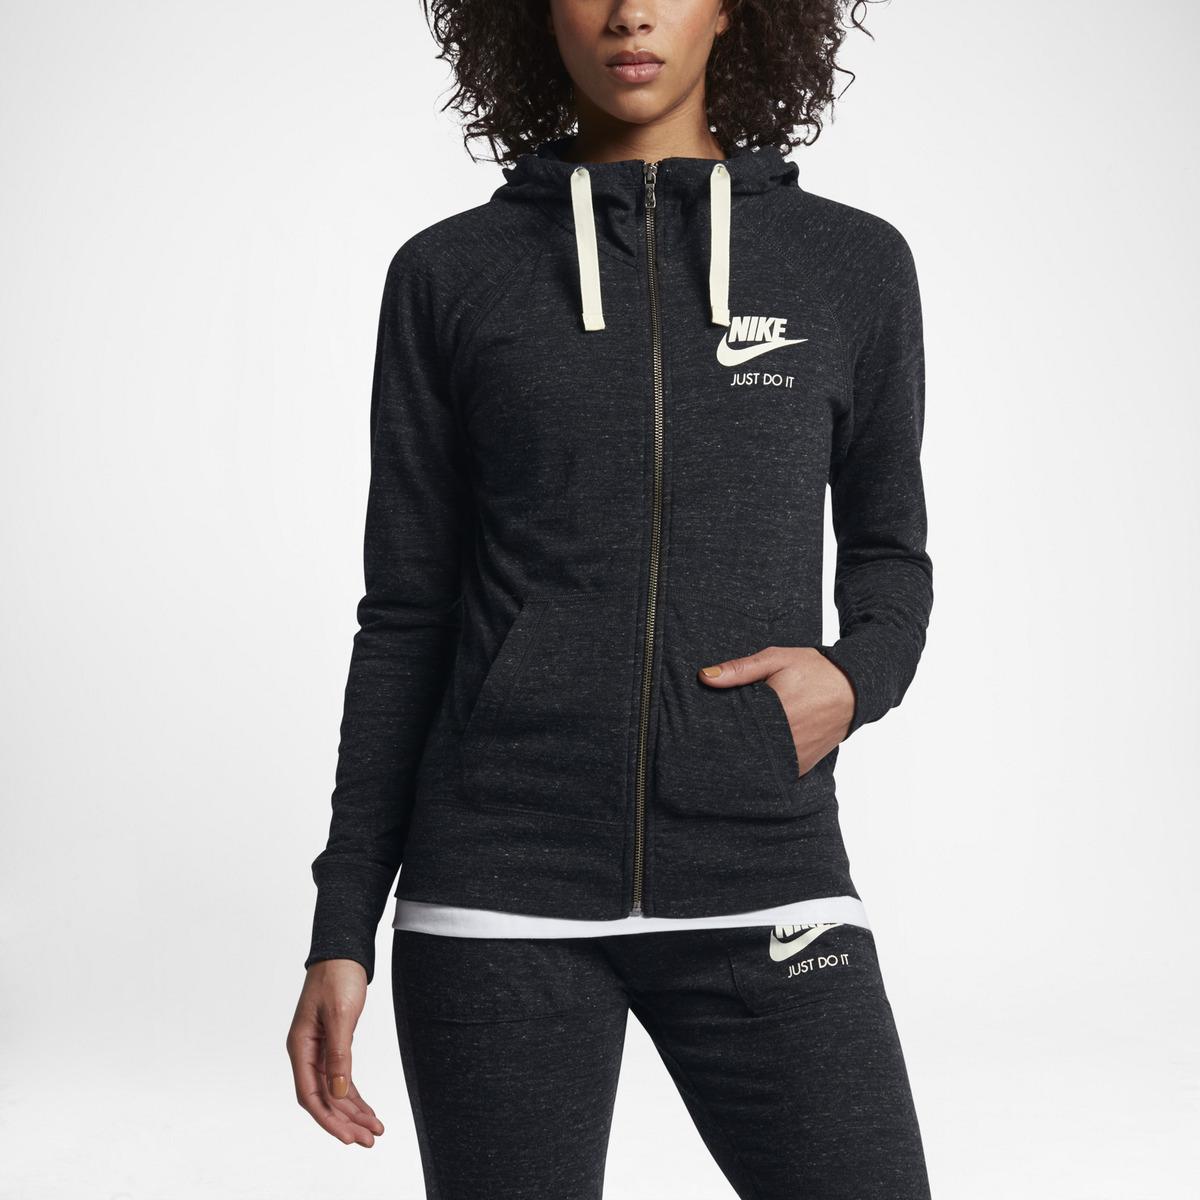 Sudadera Nike mujer